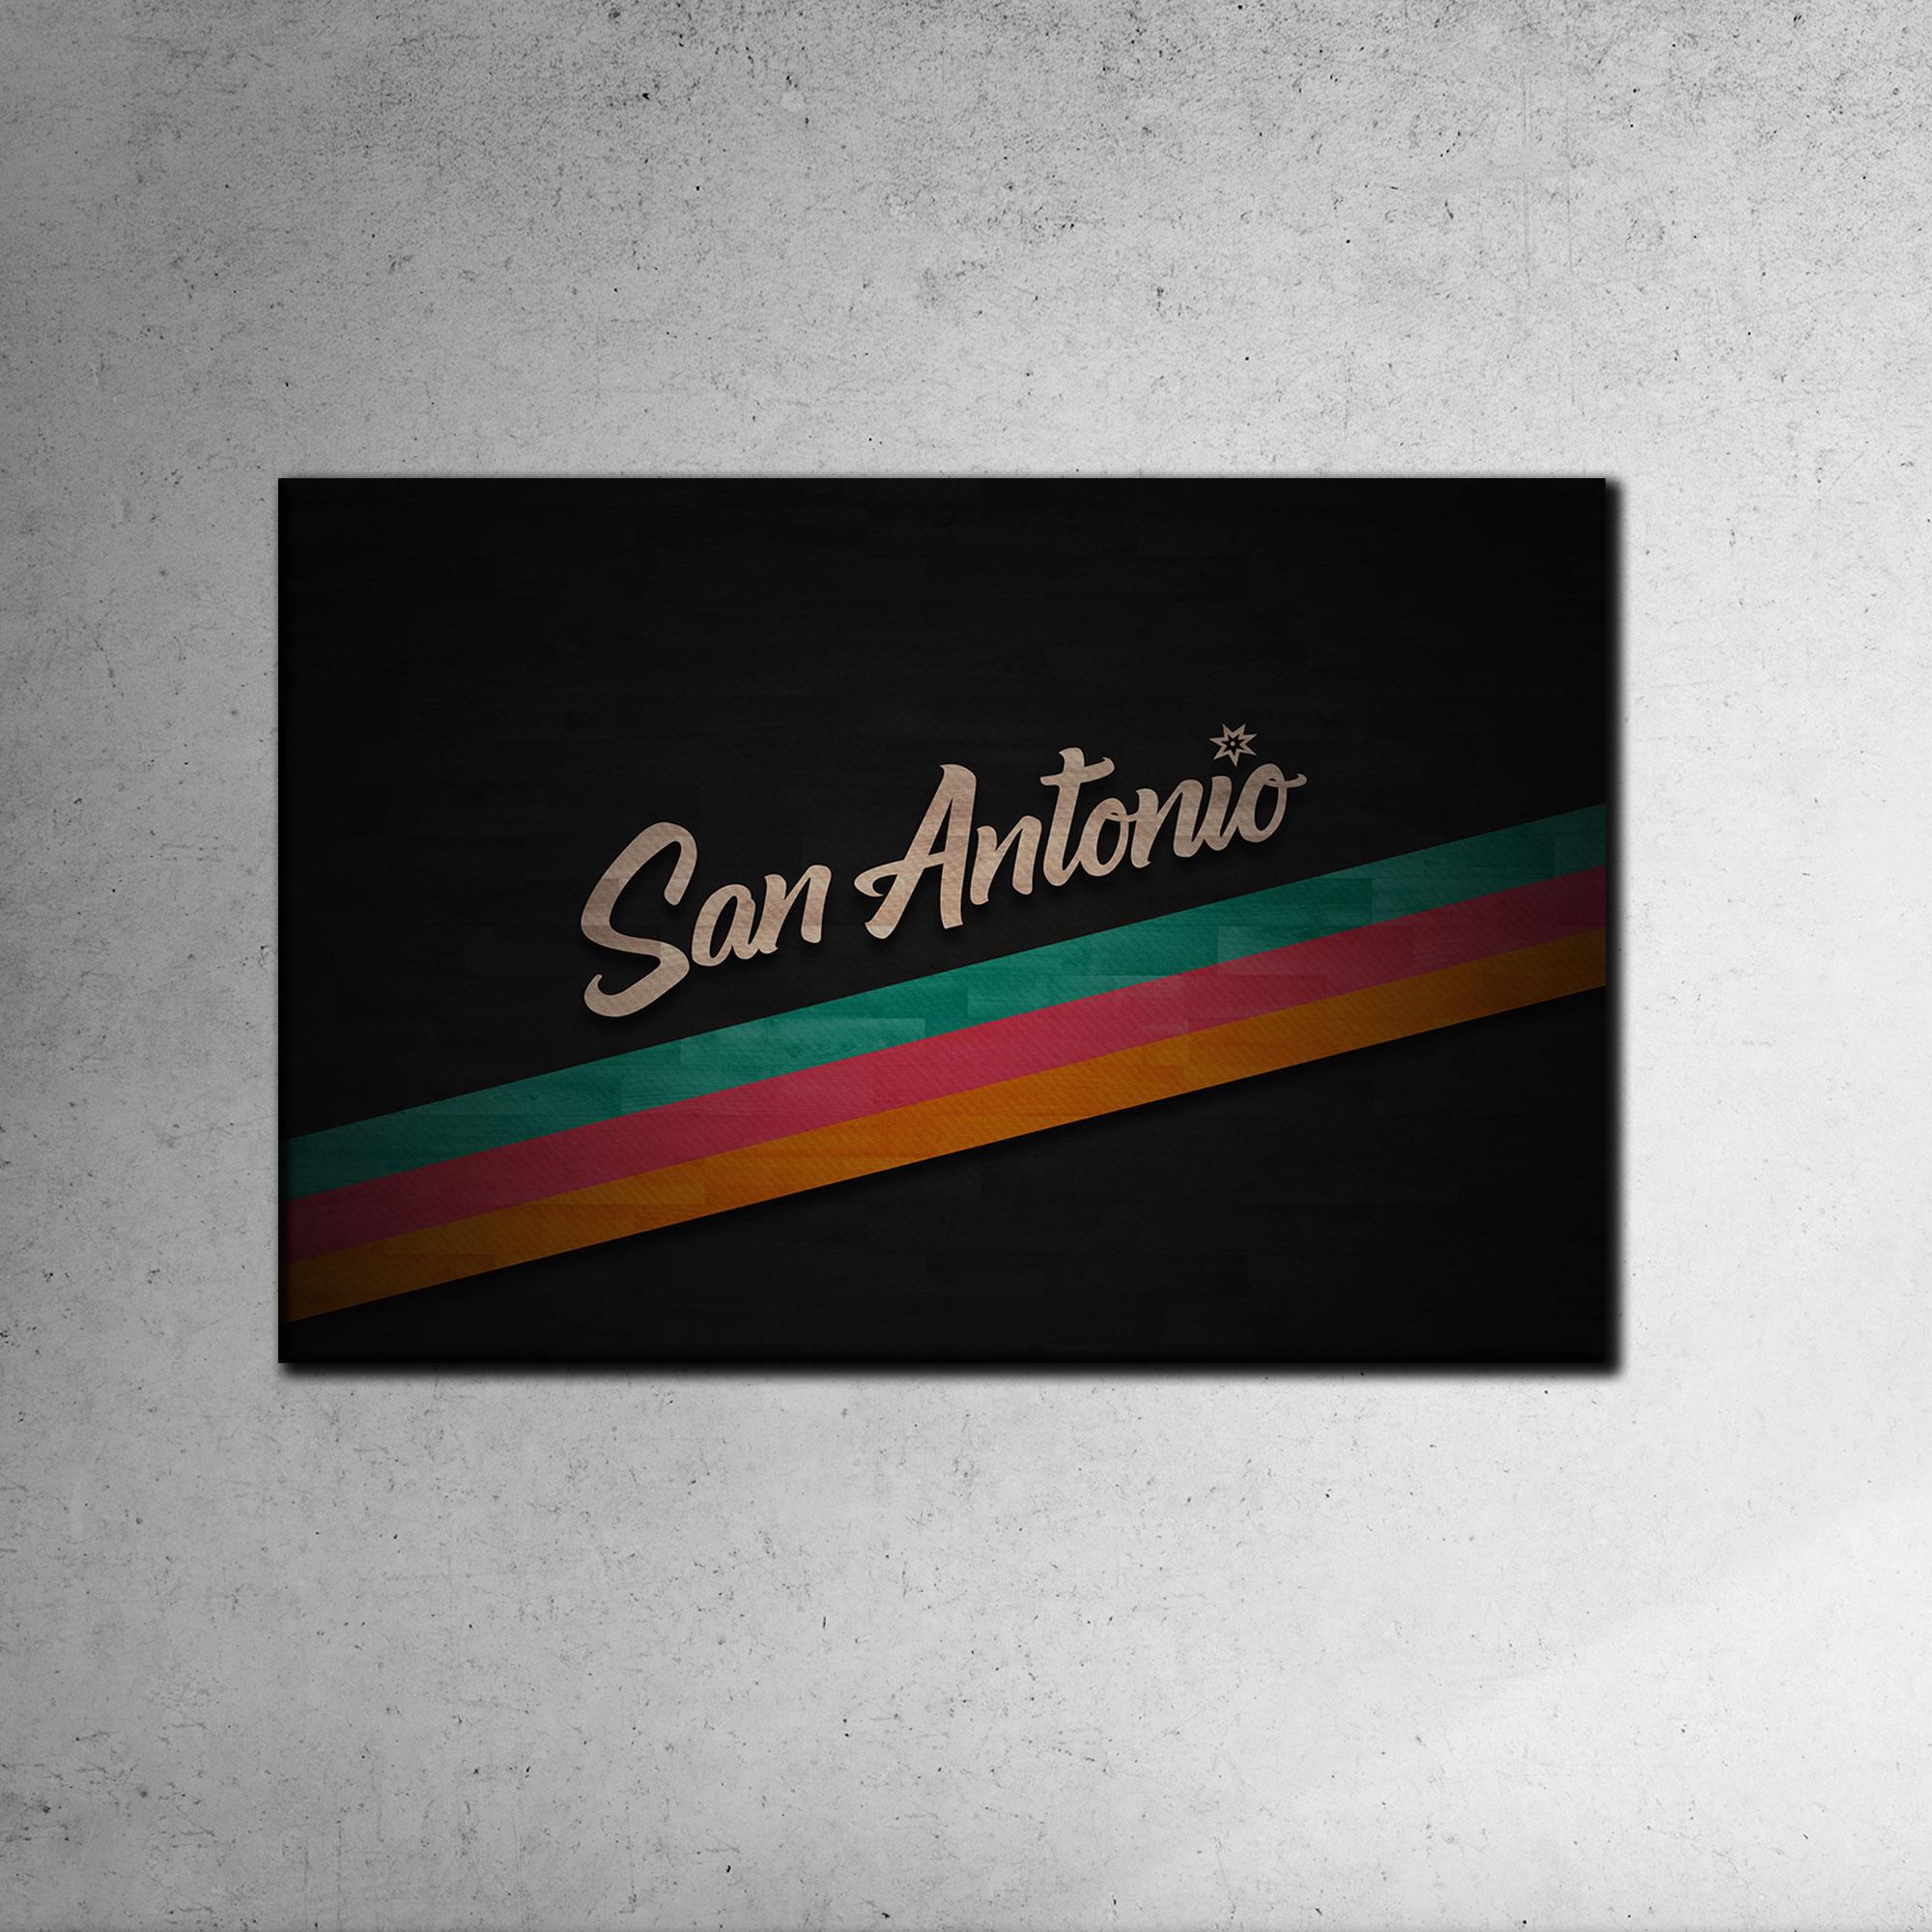 San Antonio Spurs San Antonio Canvas Tablo (Nba-canvas-antonio1)